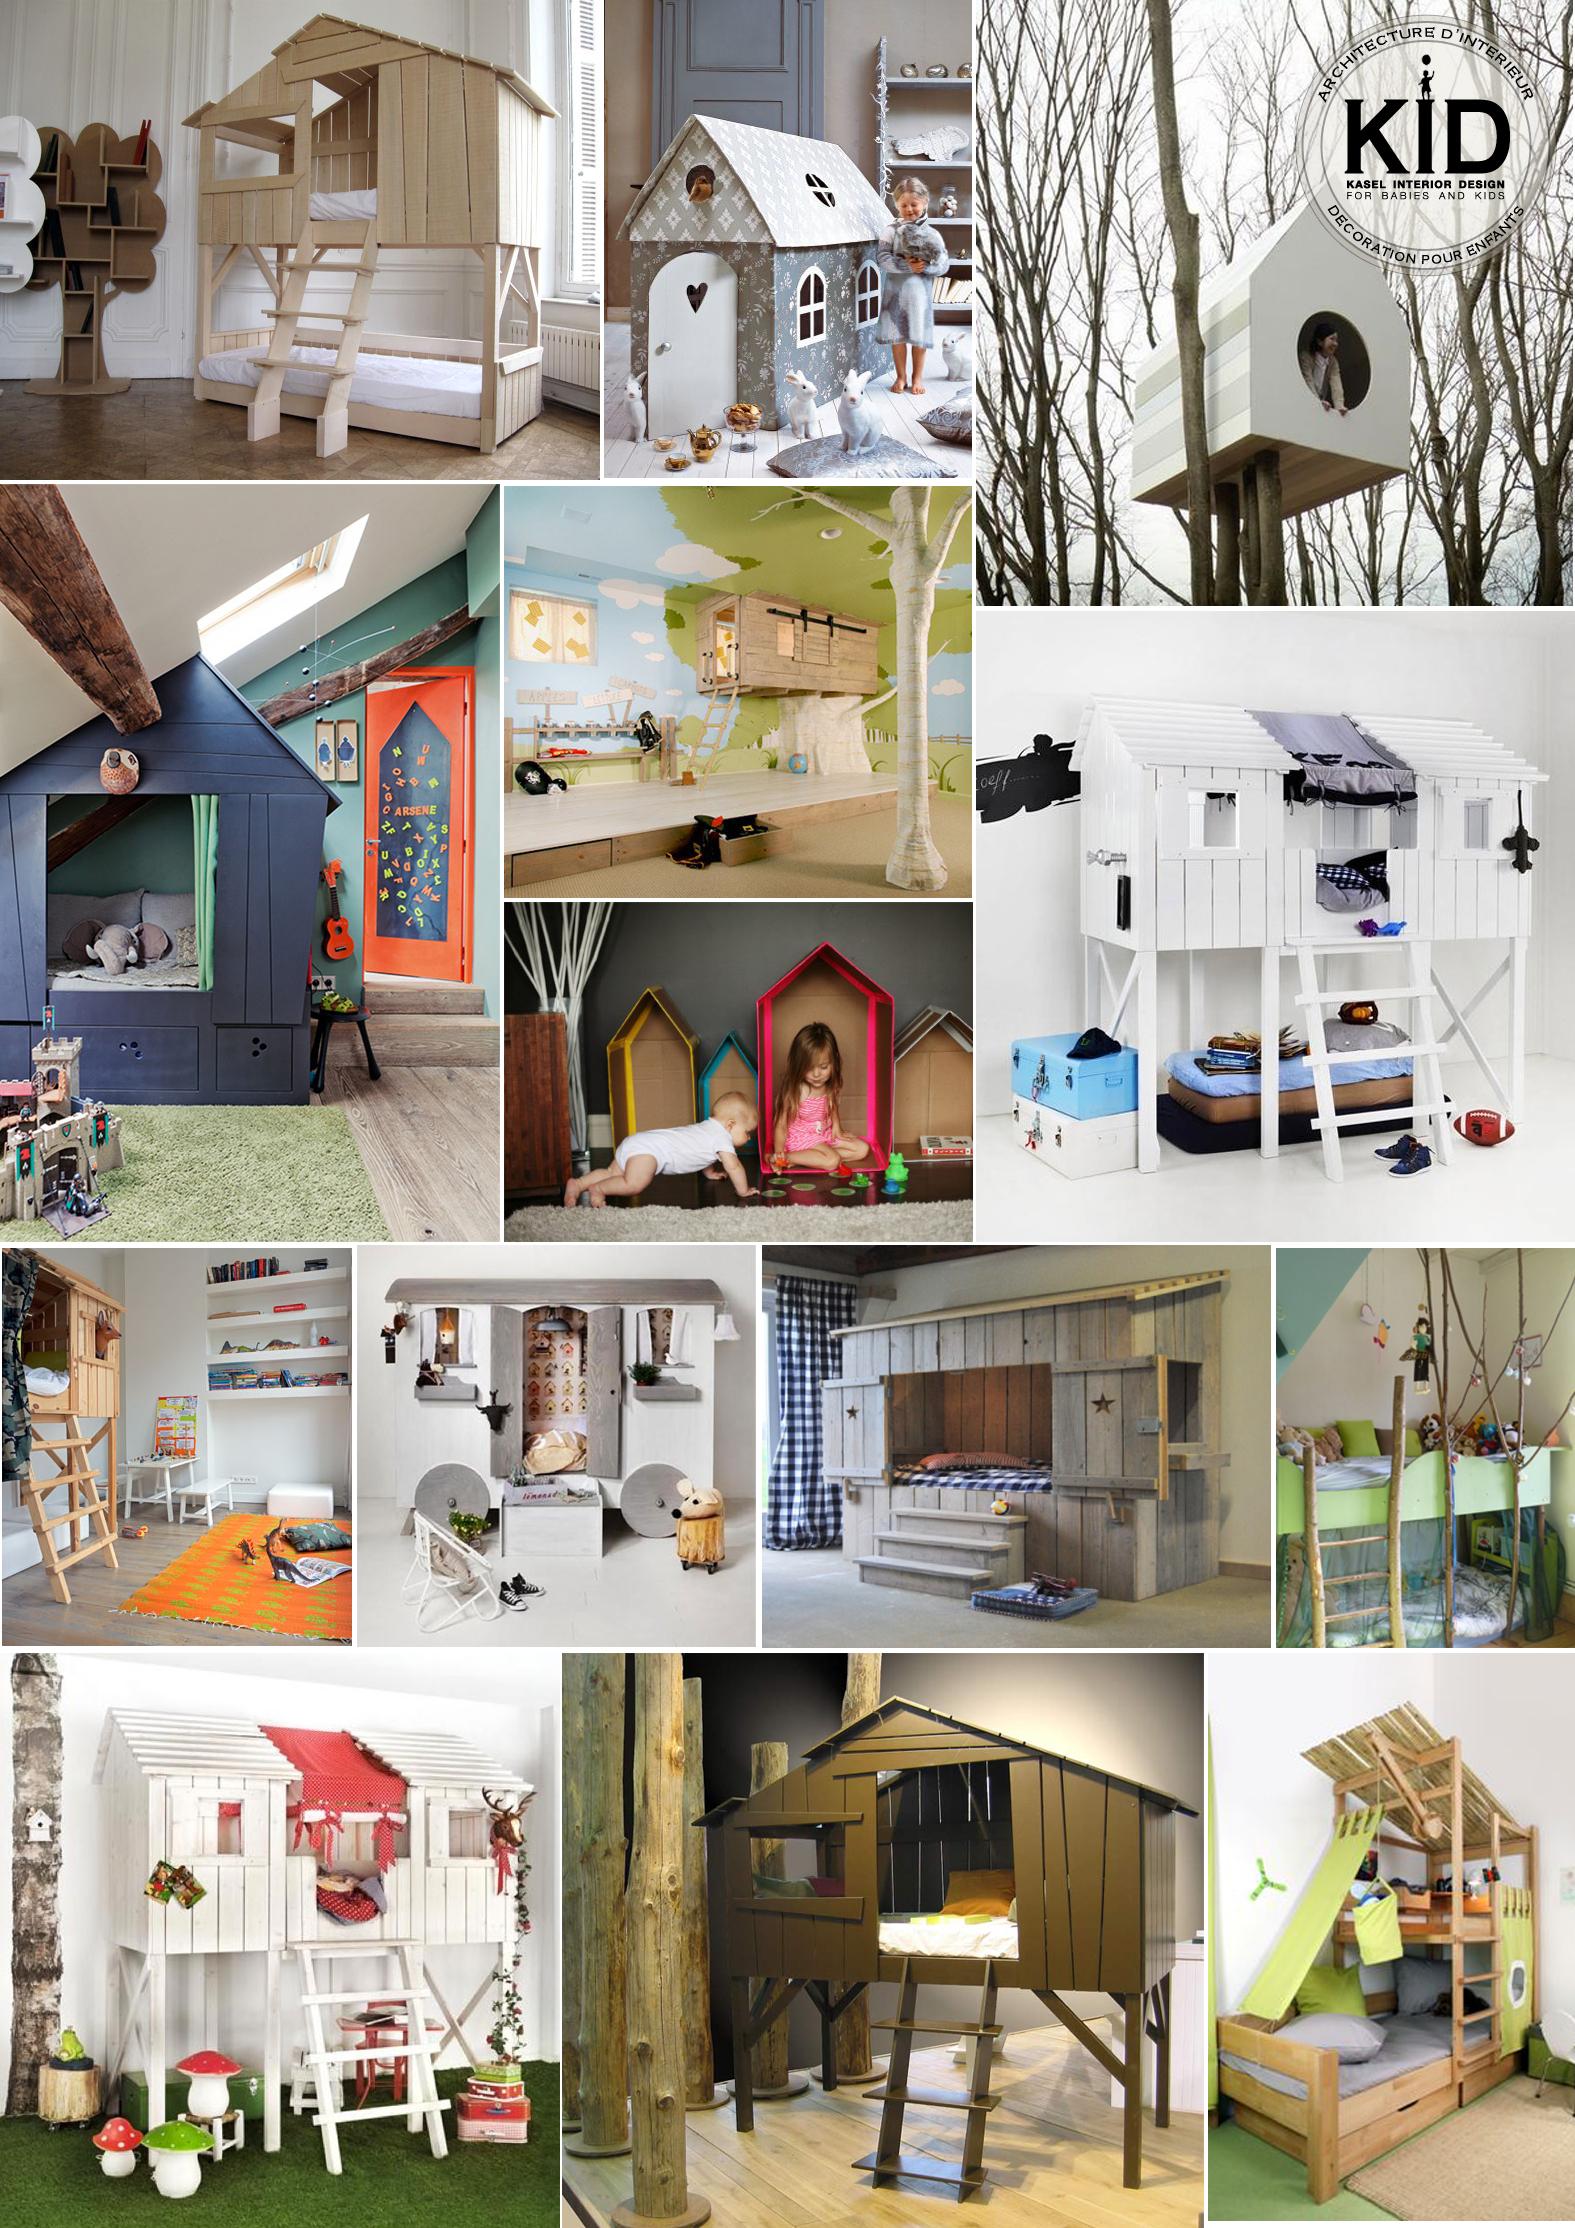 Idee Deco Interieur Cabane En Bois Luxe Photos Galerie